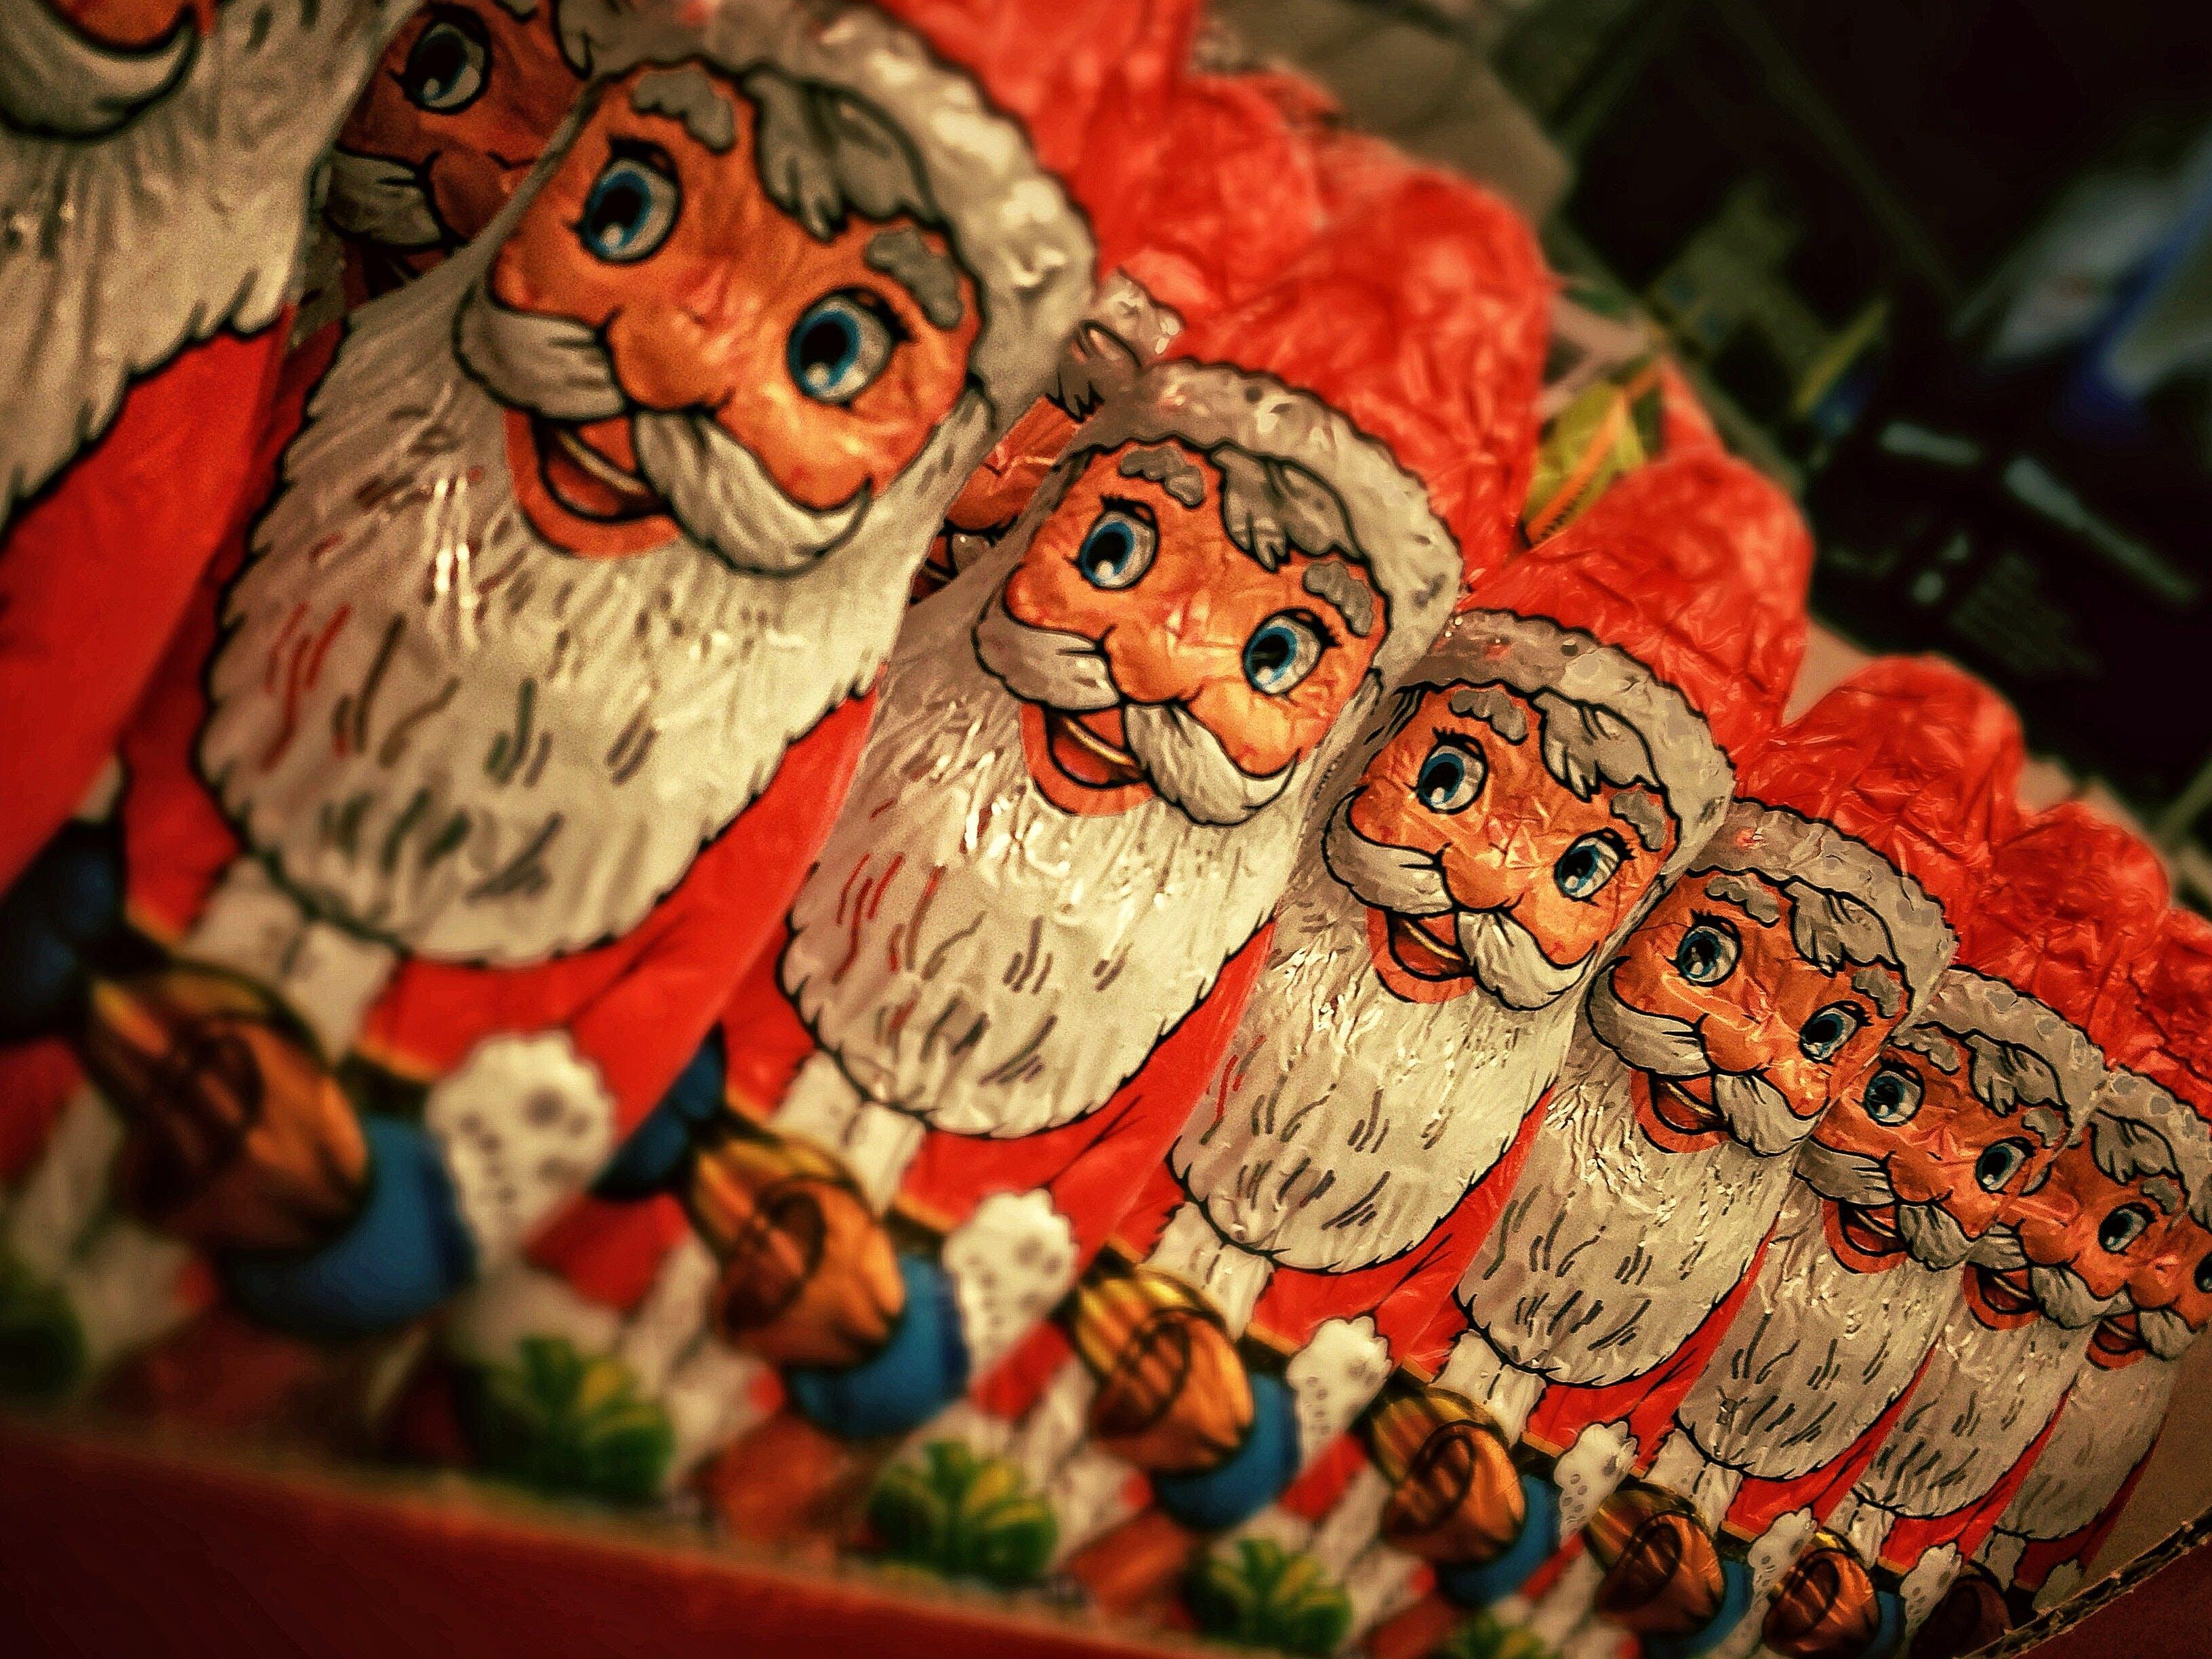 Gratis arkivbilde med juledekorasjon, julenisse, sjokolade figur, sjokoladepakke